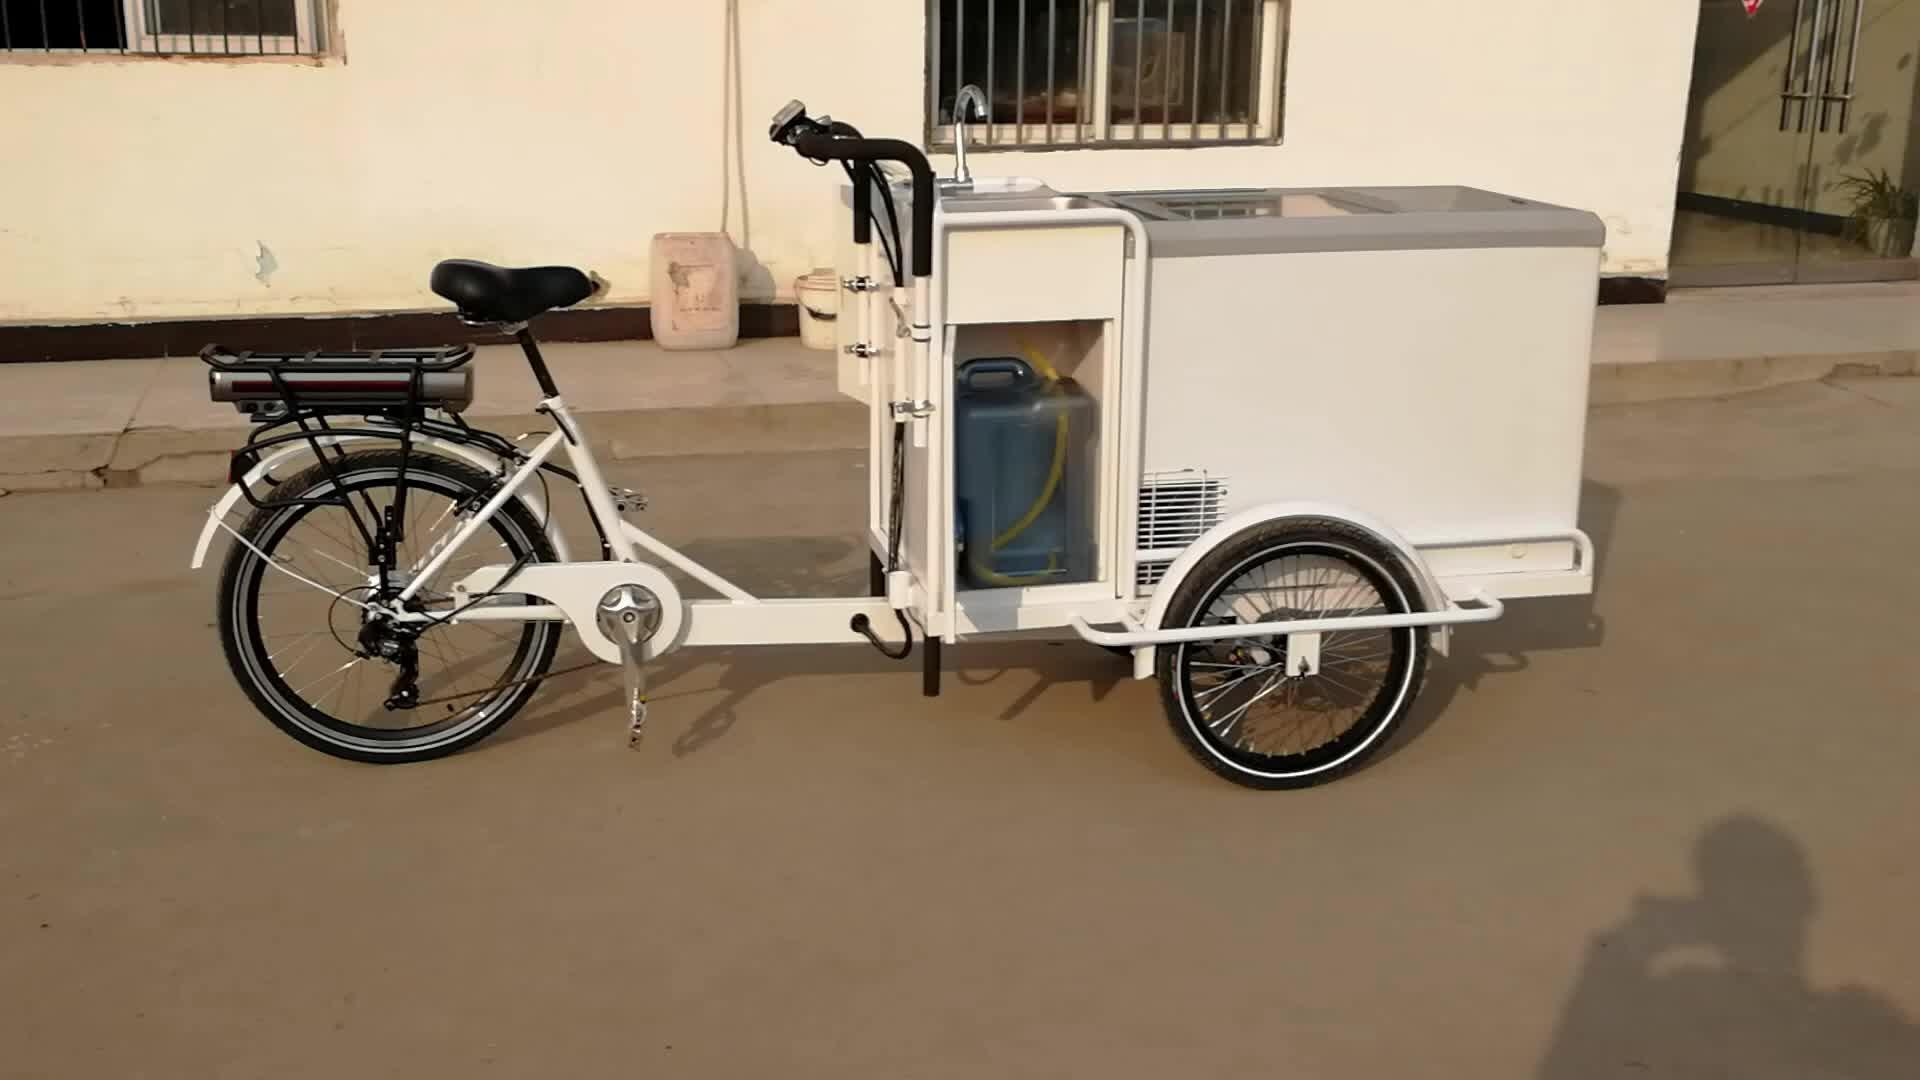 Mobiele italiaanse elektrische mexicaanse ijs winkelwagen produceert voor koop met wielen